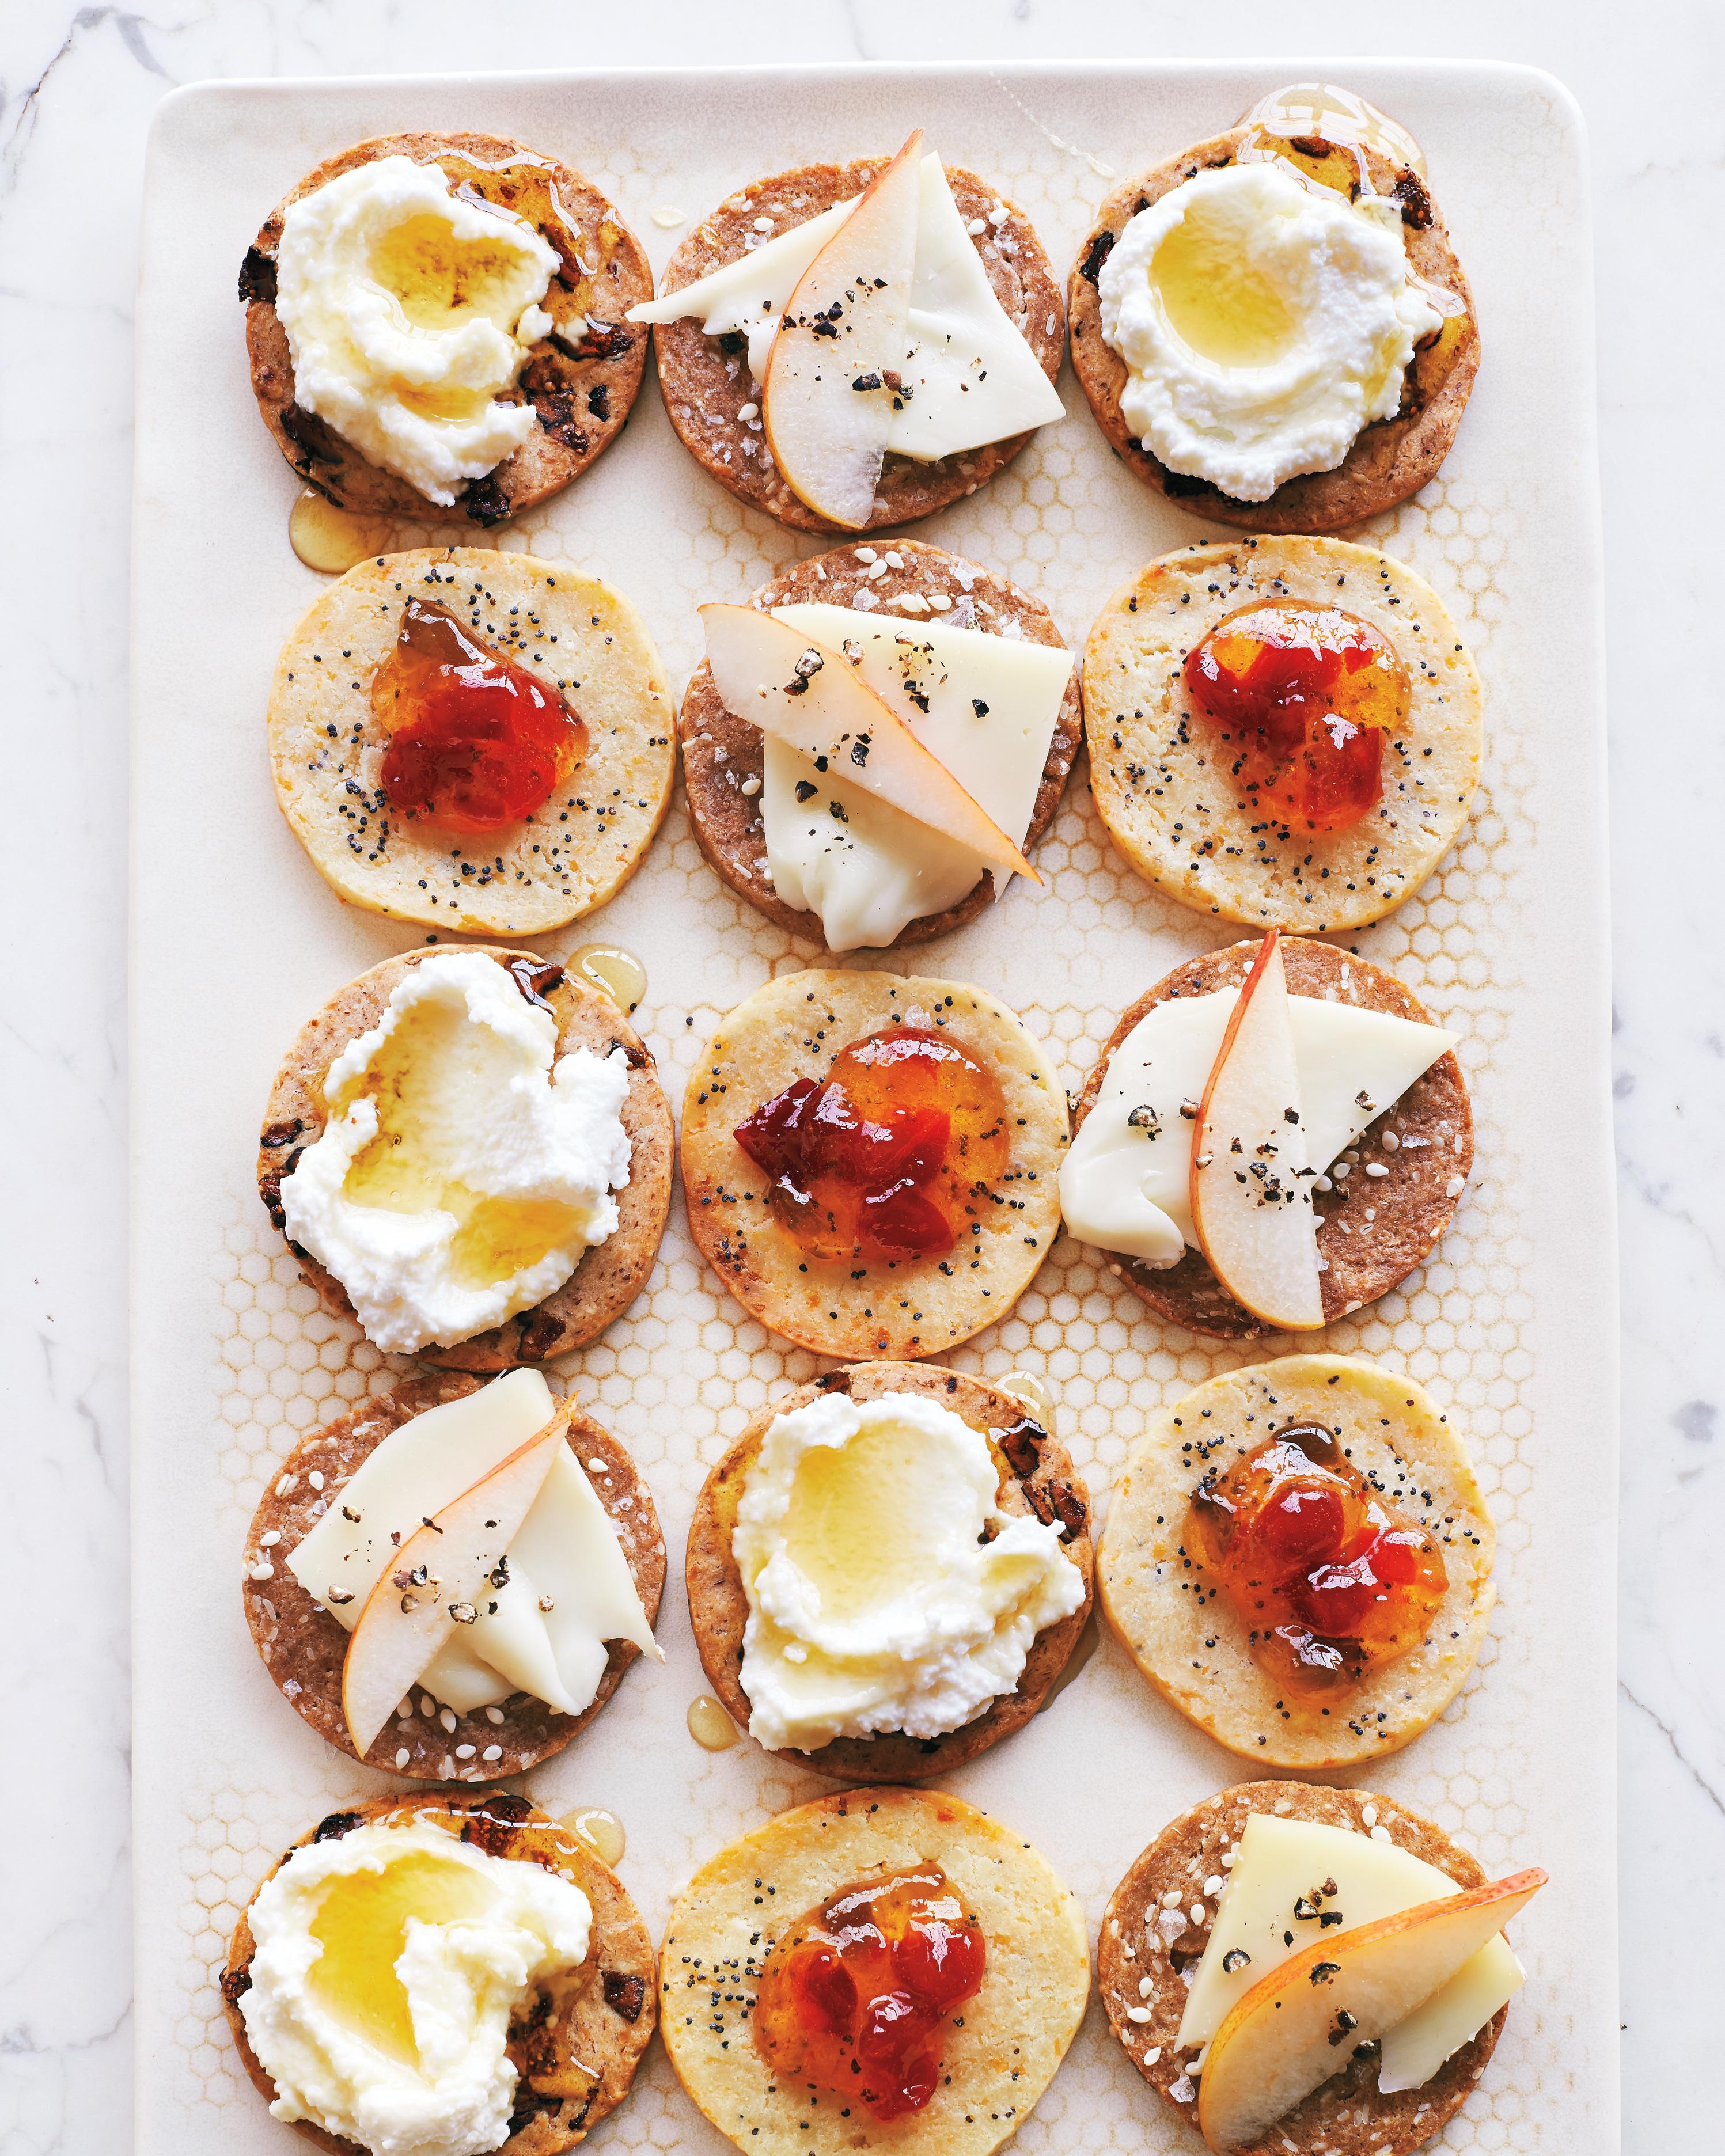 slice-bake-crackers-3746-d111531.jpg